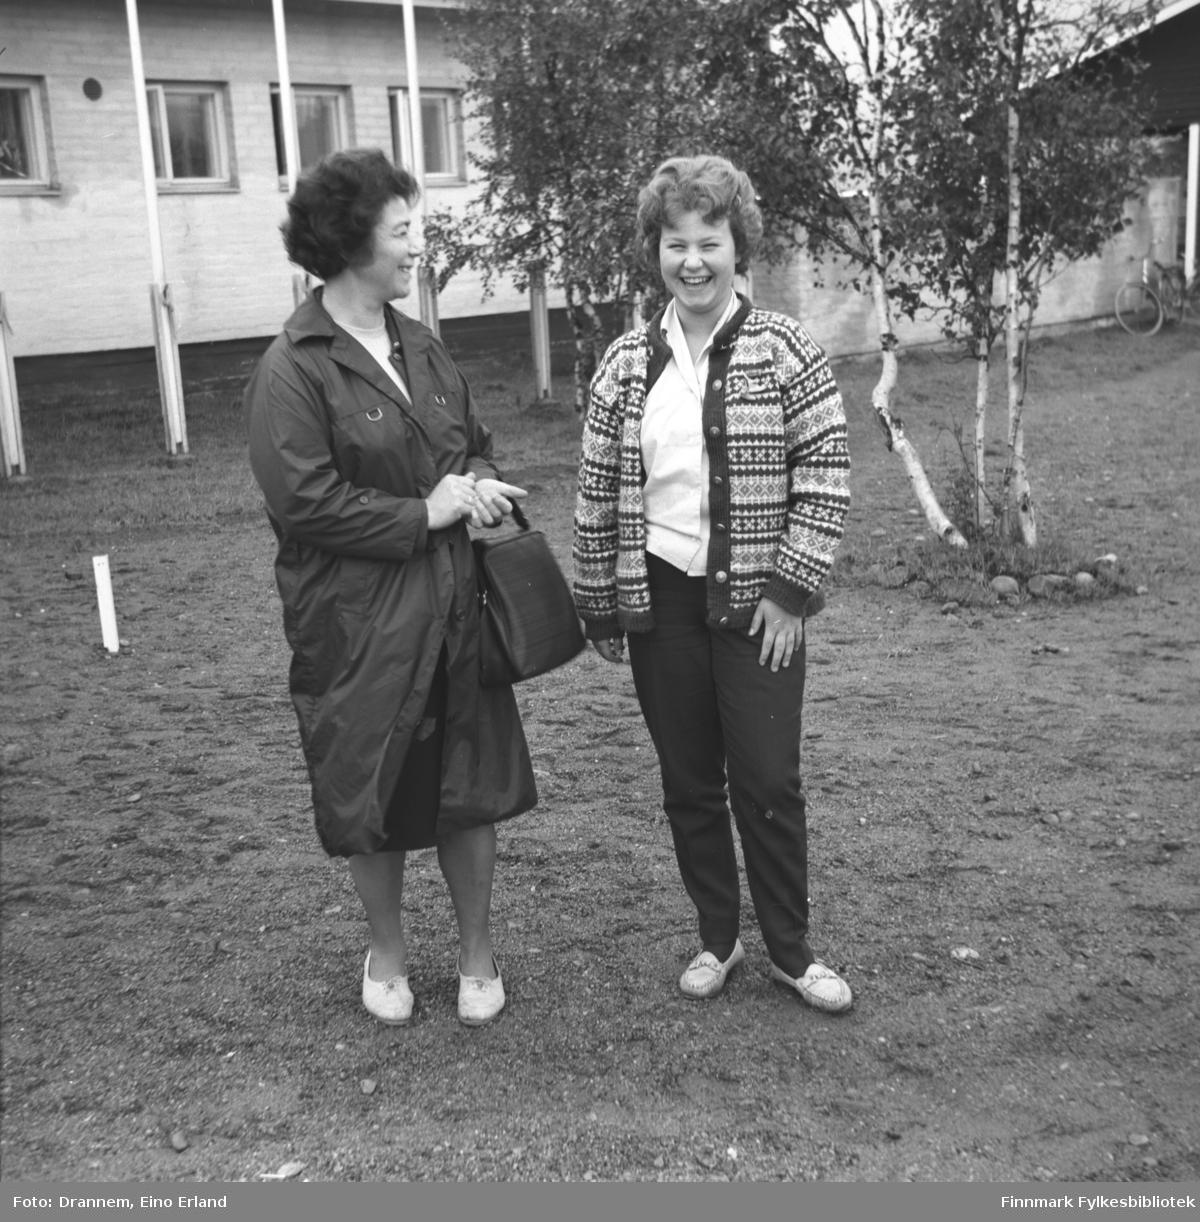 Jenny Drannem og Turid Karikoski står på en gårdsplass. Stedet er ukjent.